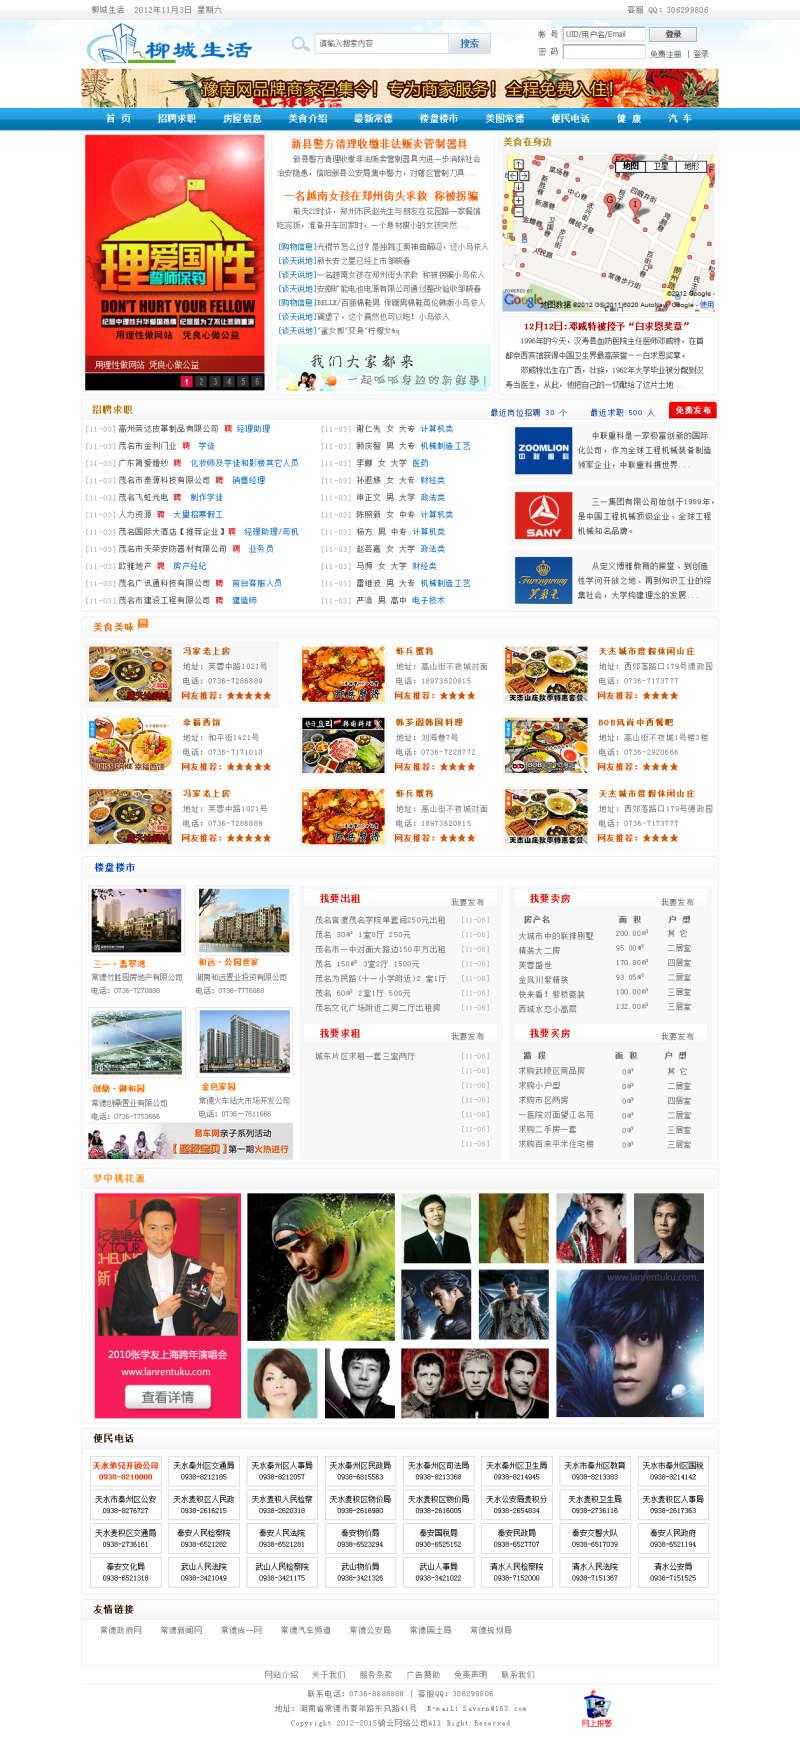 柳城生活网模板jpg源文件_社区生活类门户网站模板下载